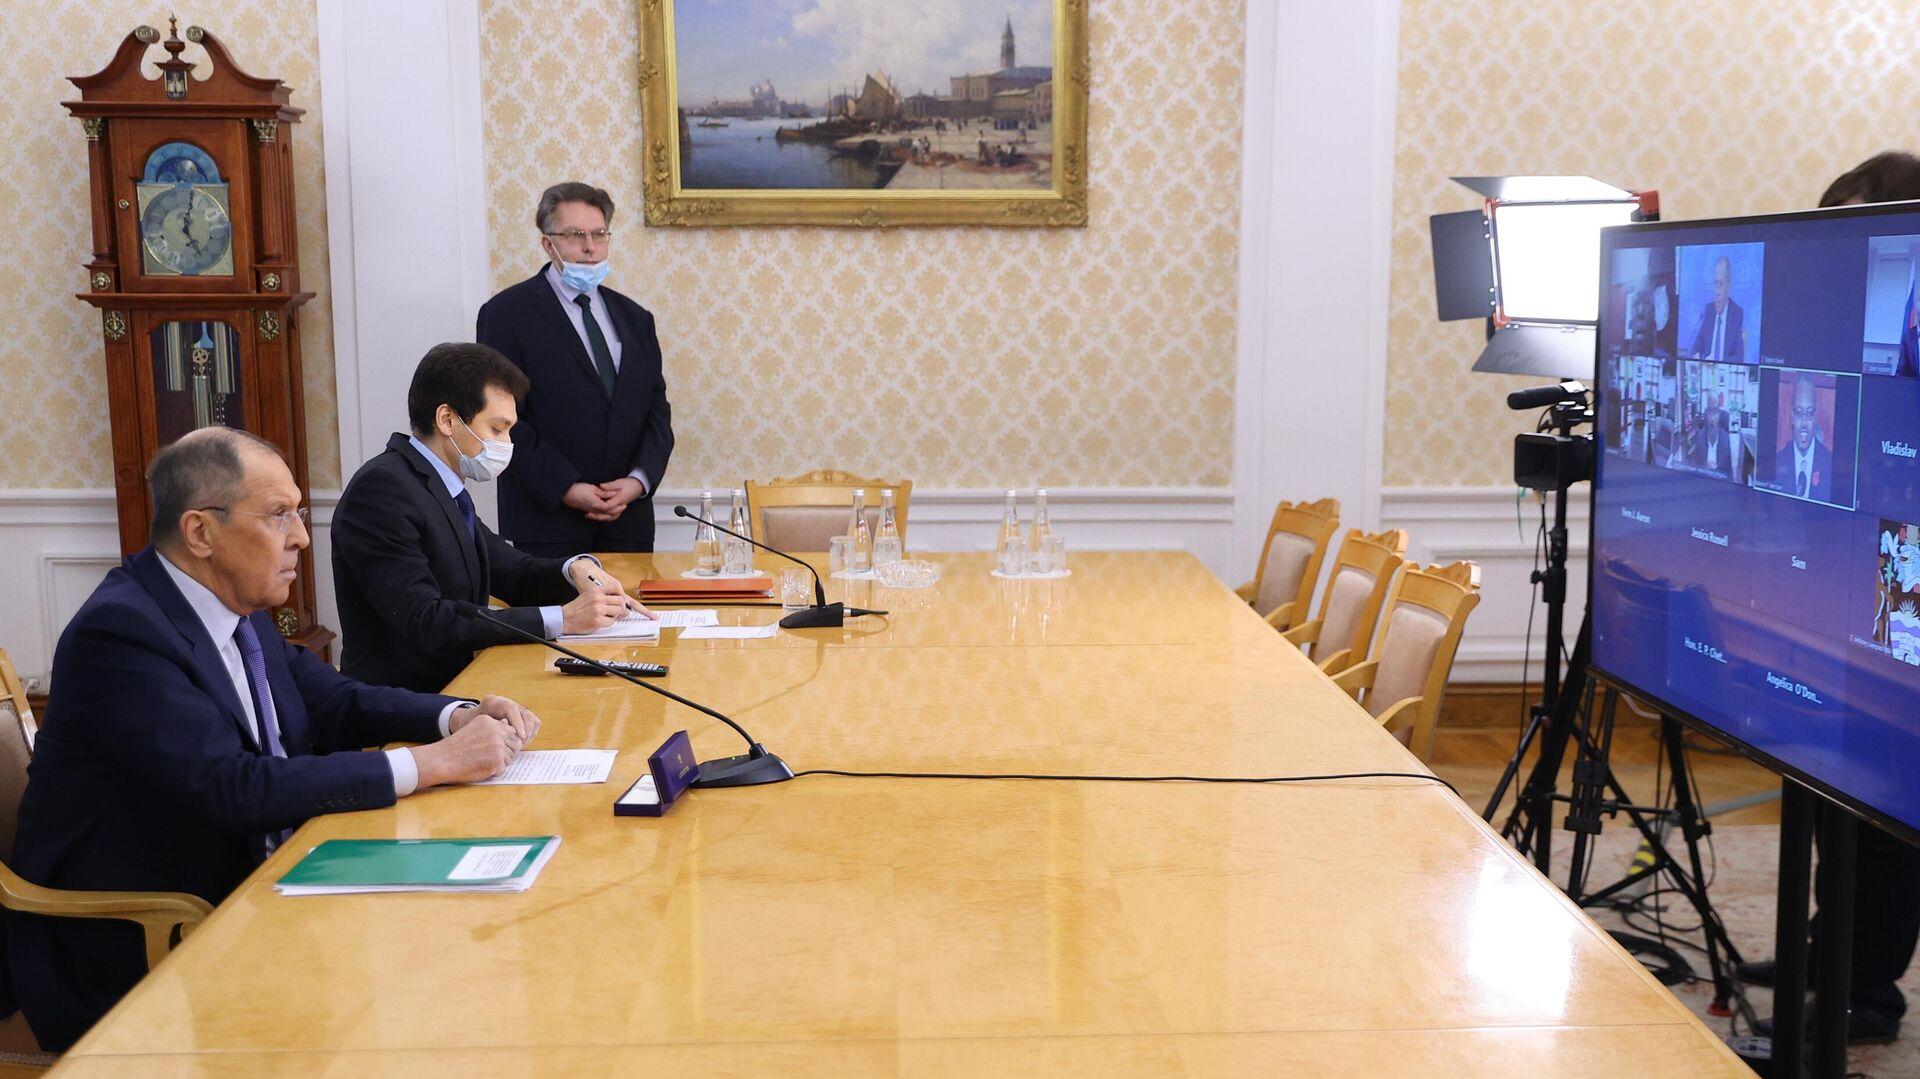 Serguéi Lavrov, canciller ruso, durante la firma del tratado entre Rusia y Antigua y Barbuda - Sputnik Mundo, 1920, 08.06.2021